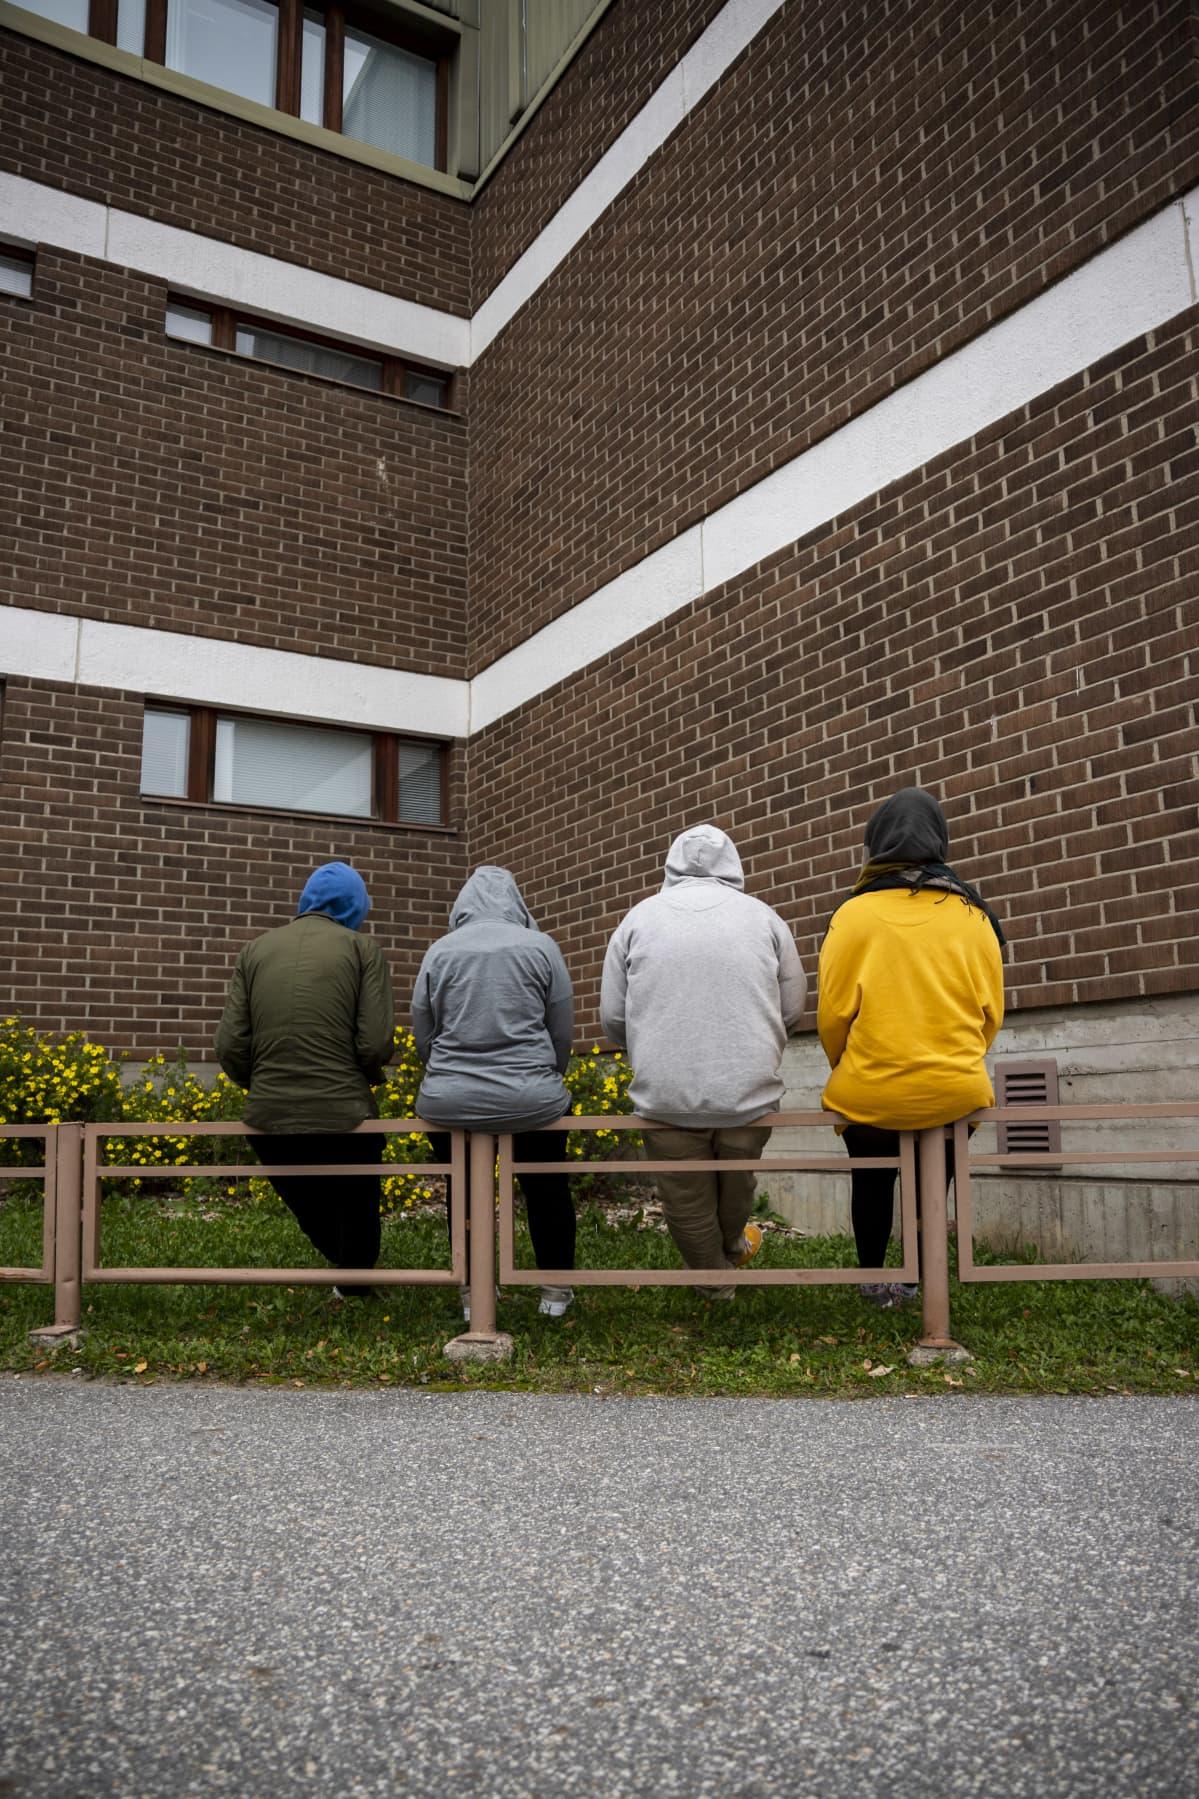 Neljä tunnistamatonta henkilöä istuu penkillä.